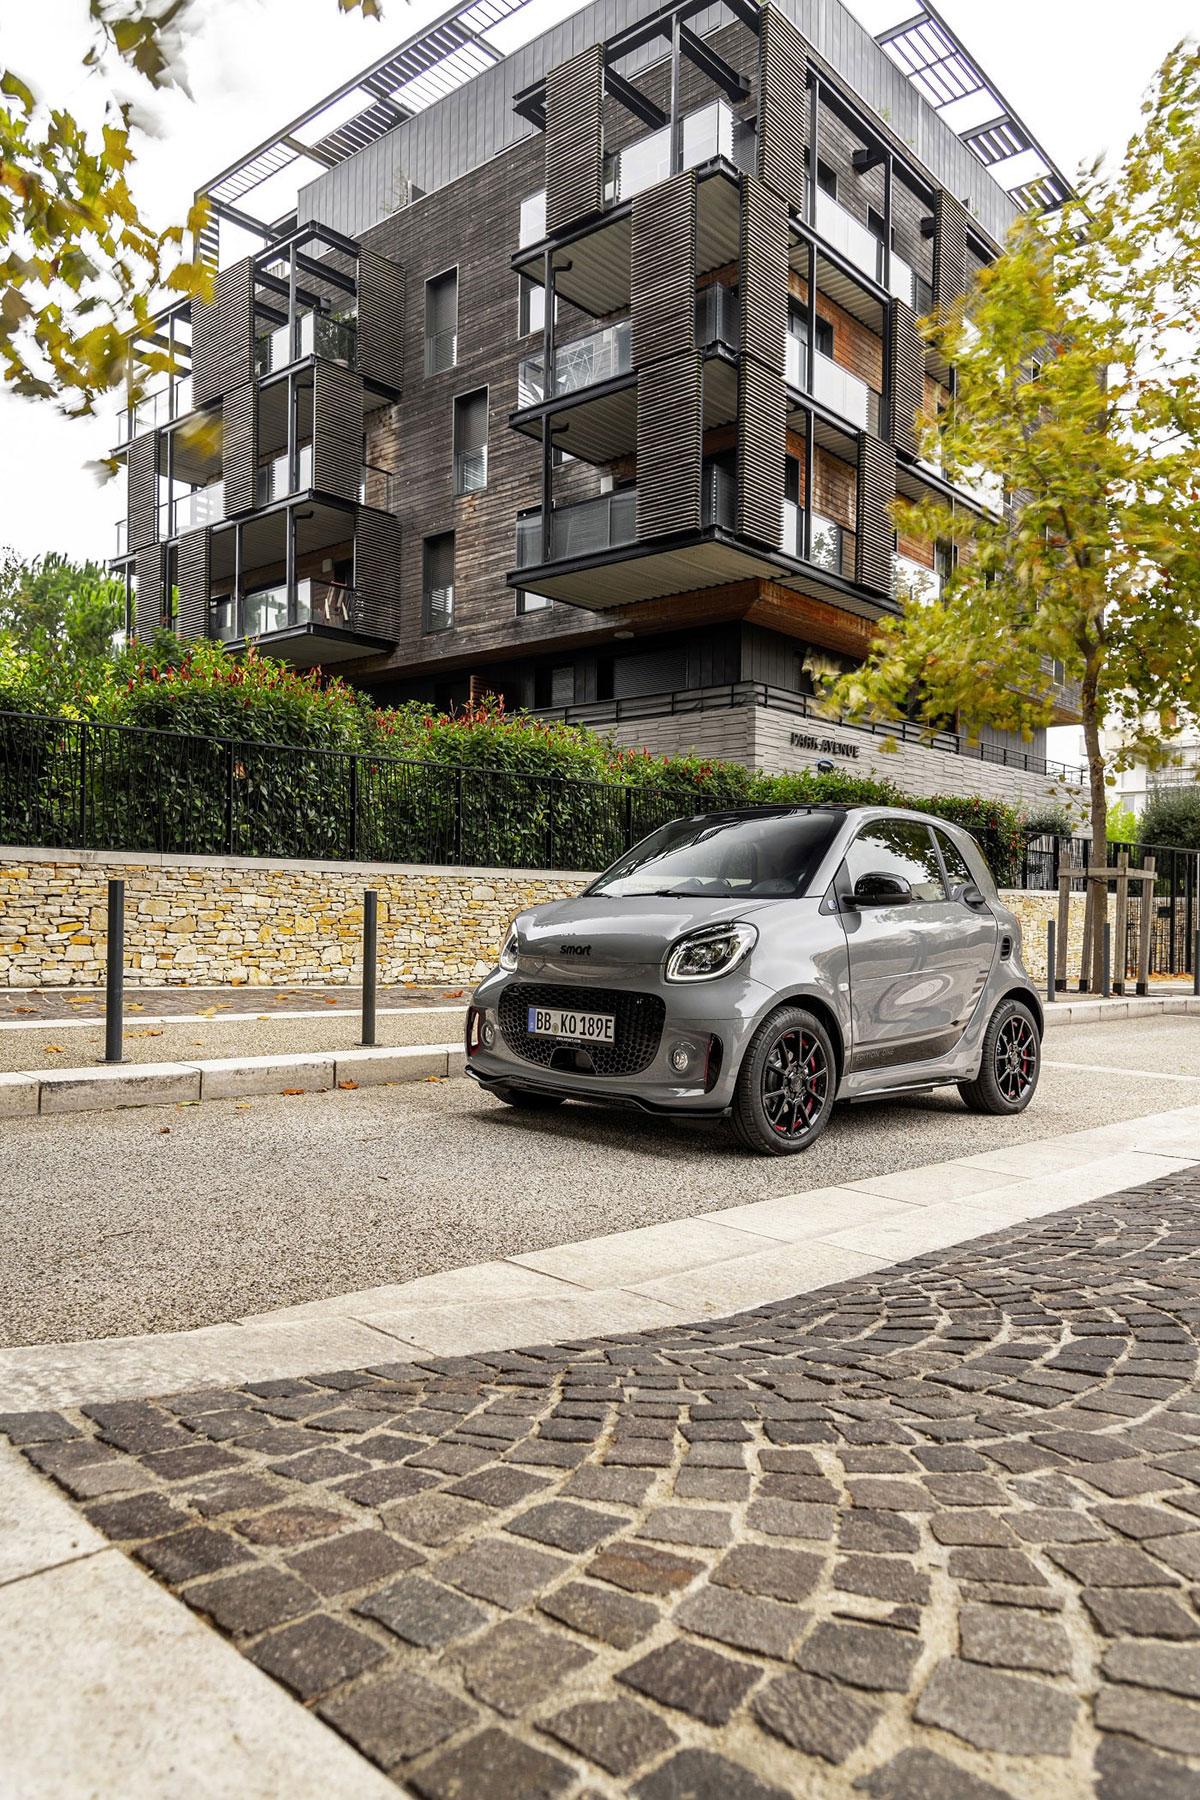 Grauer Smart EQ parkt auf der Straße